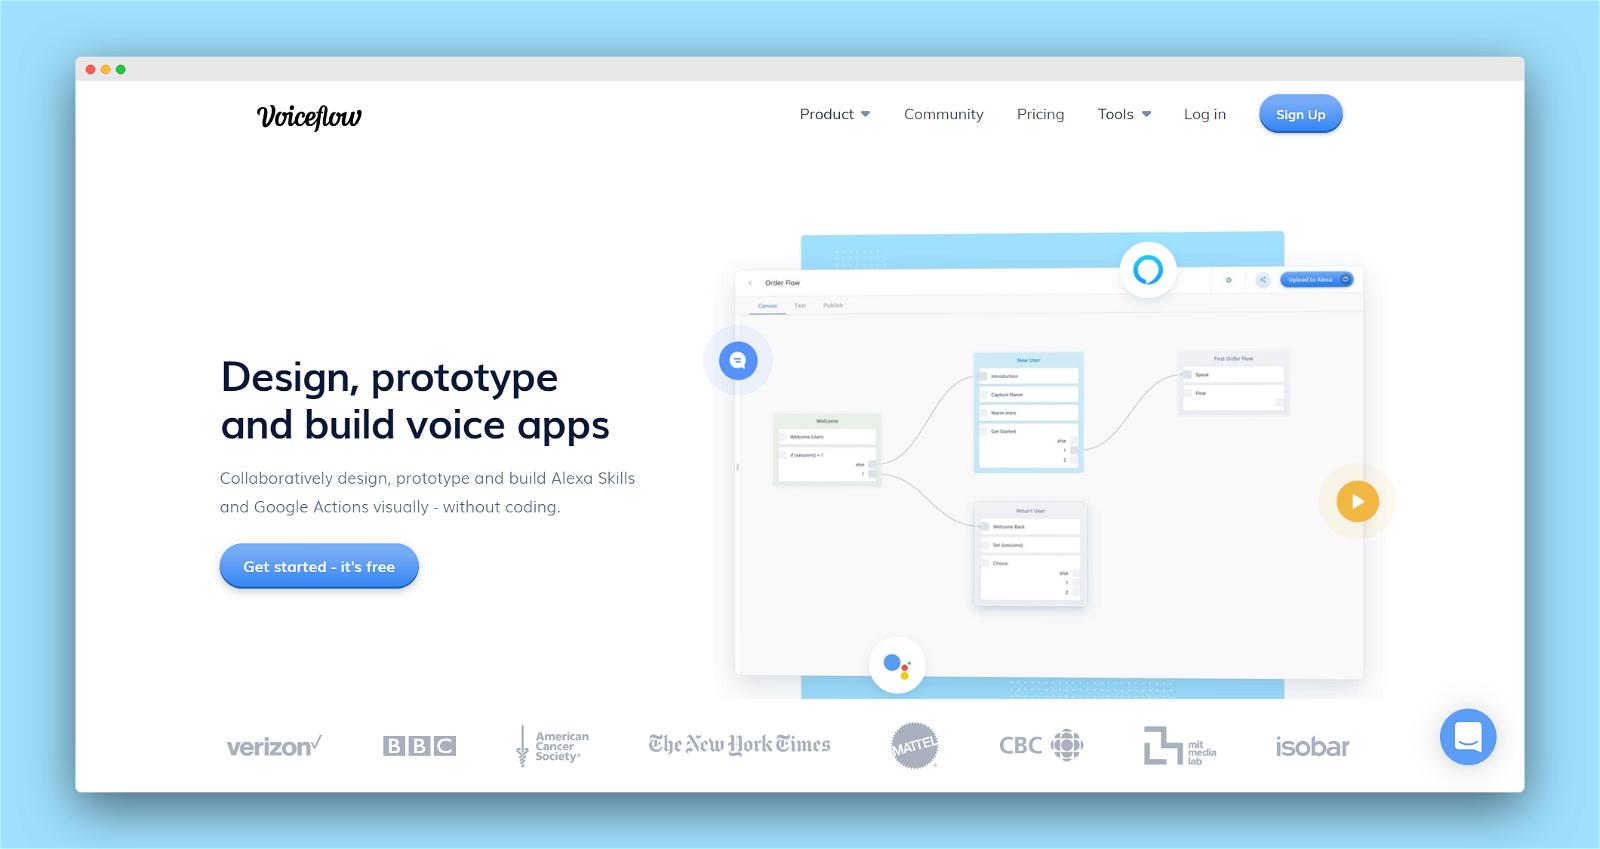 Voiceflow Screenshot 1